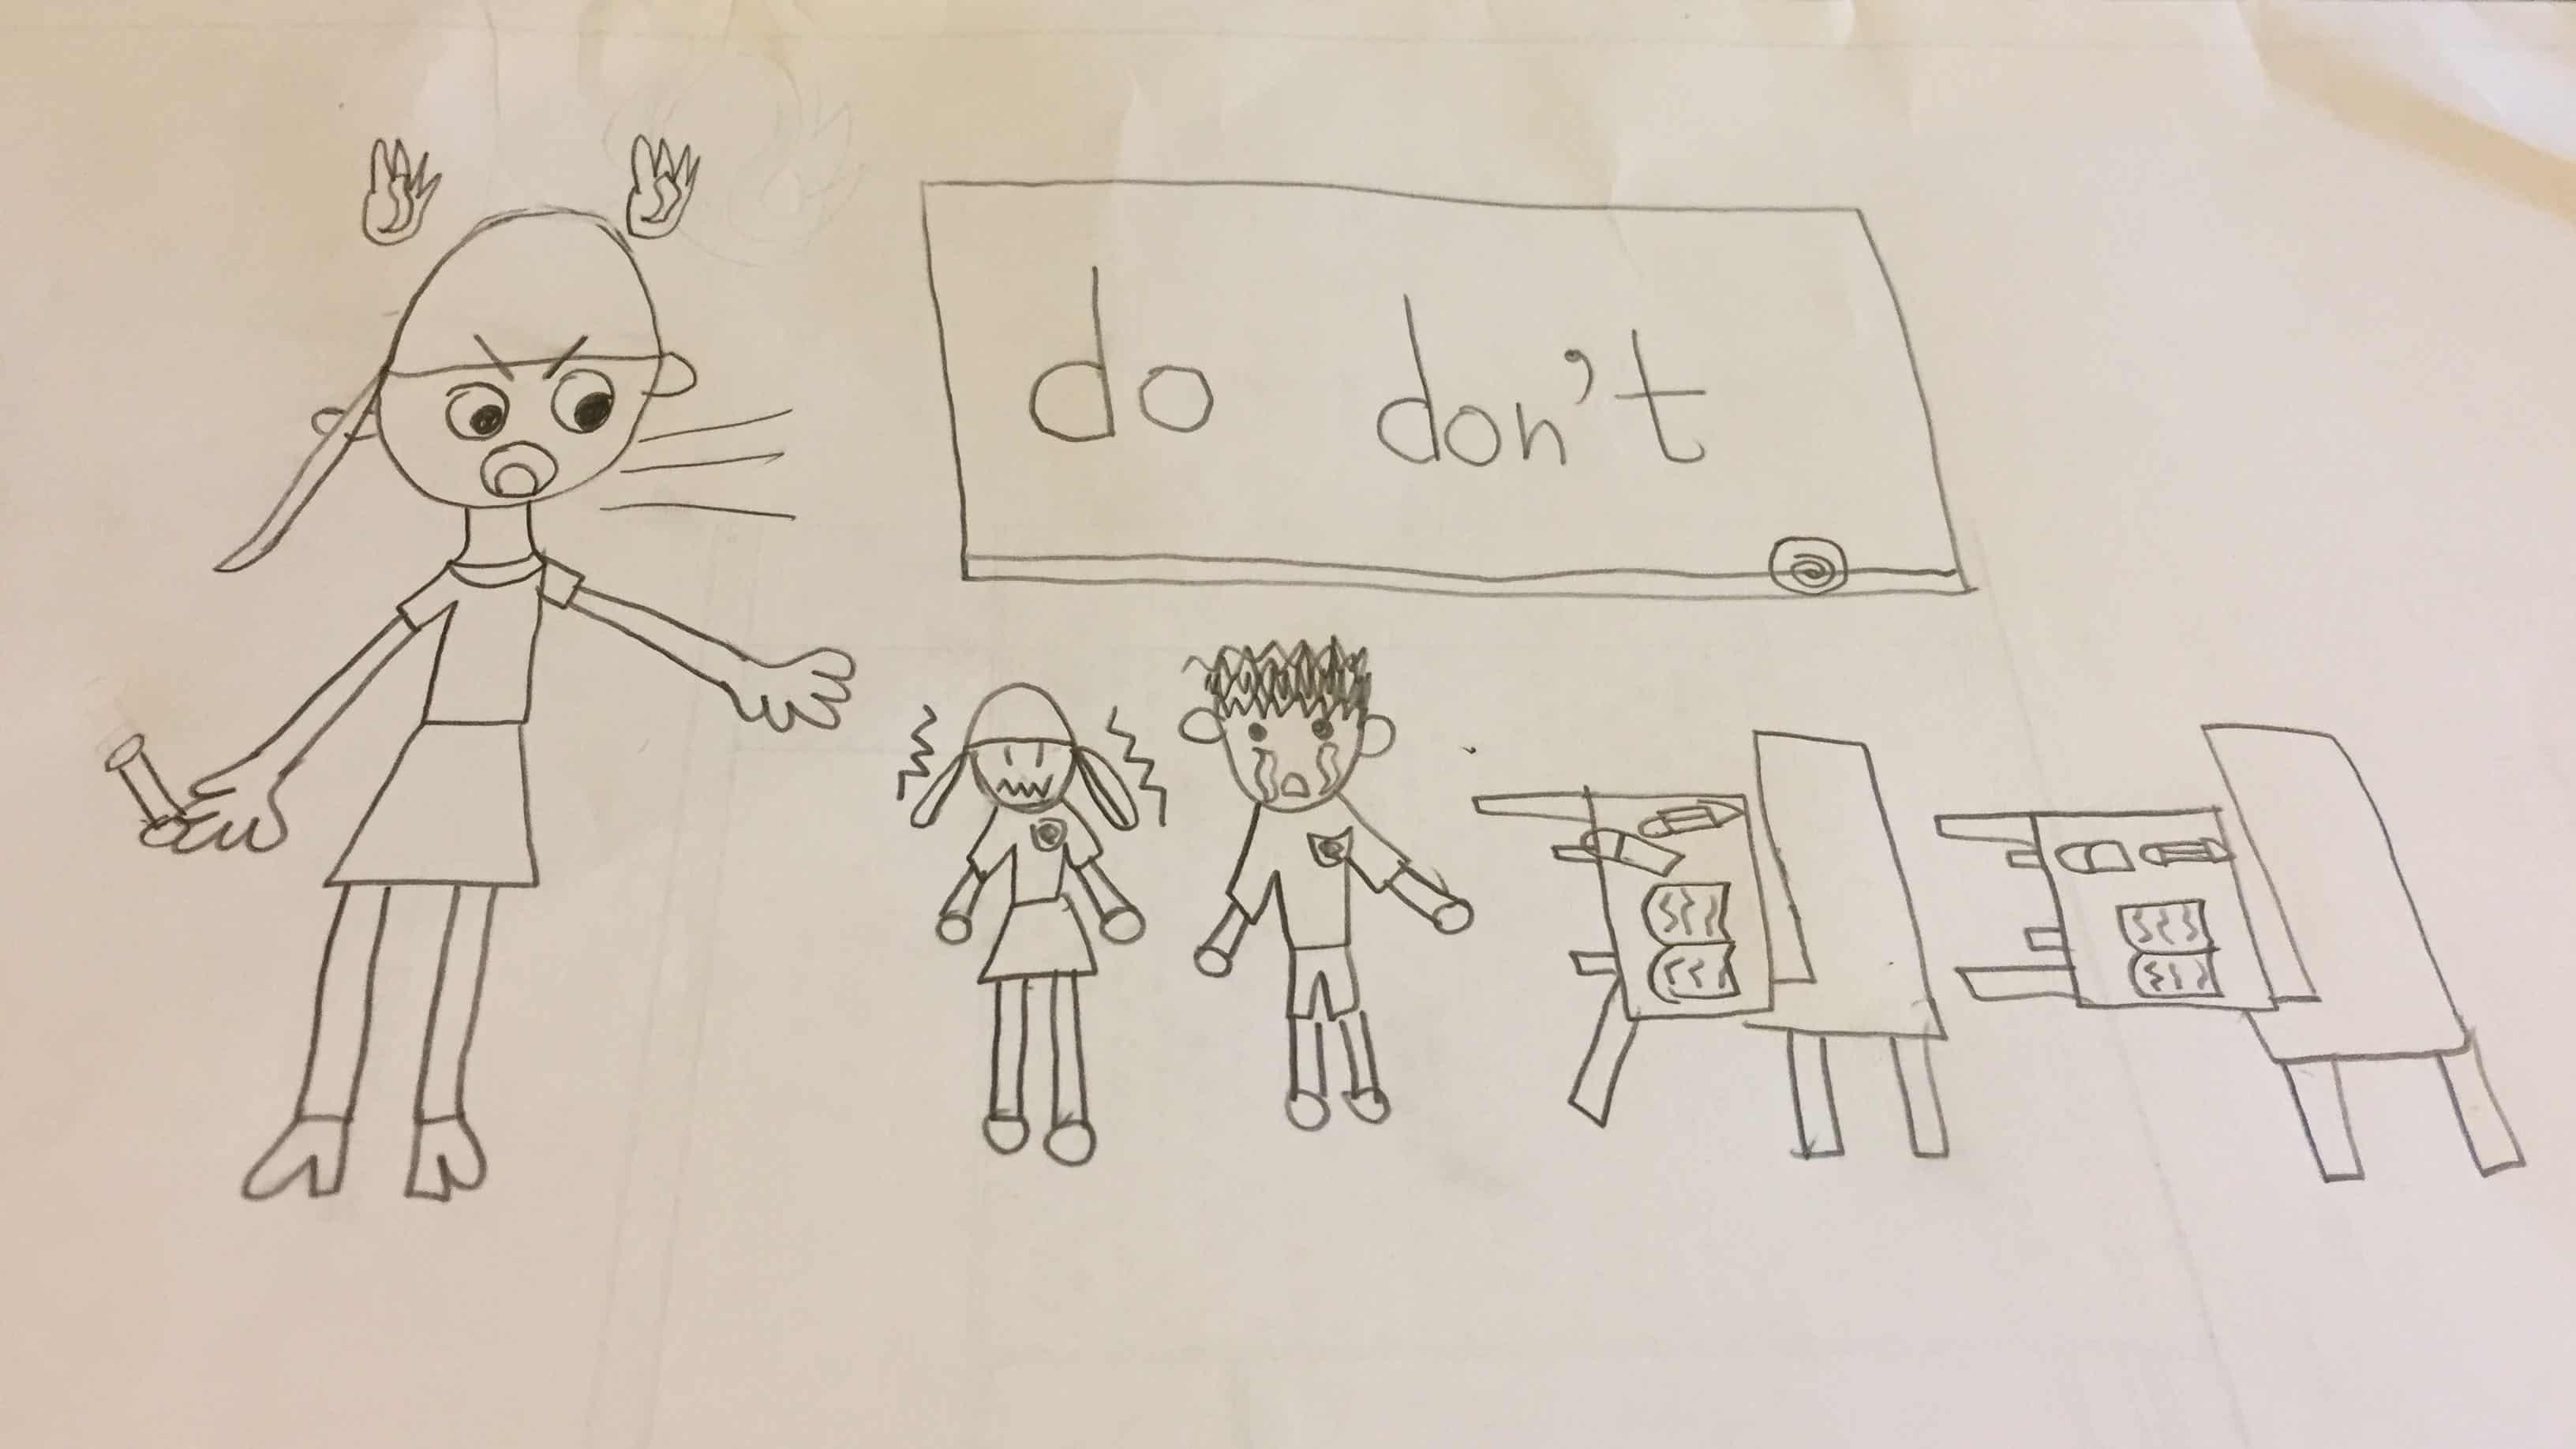 老師只會嚴加責罰,會令學生失去學習興趣